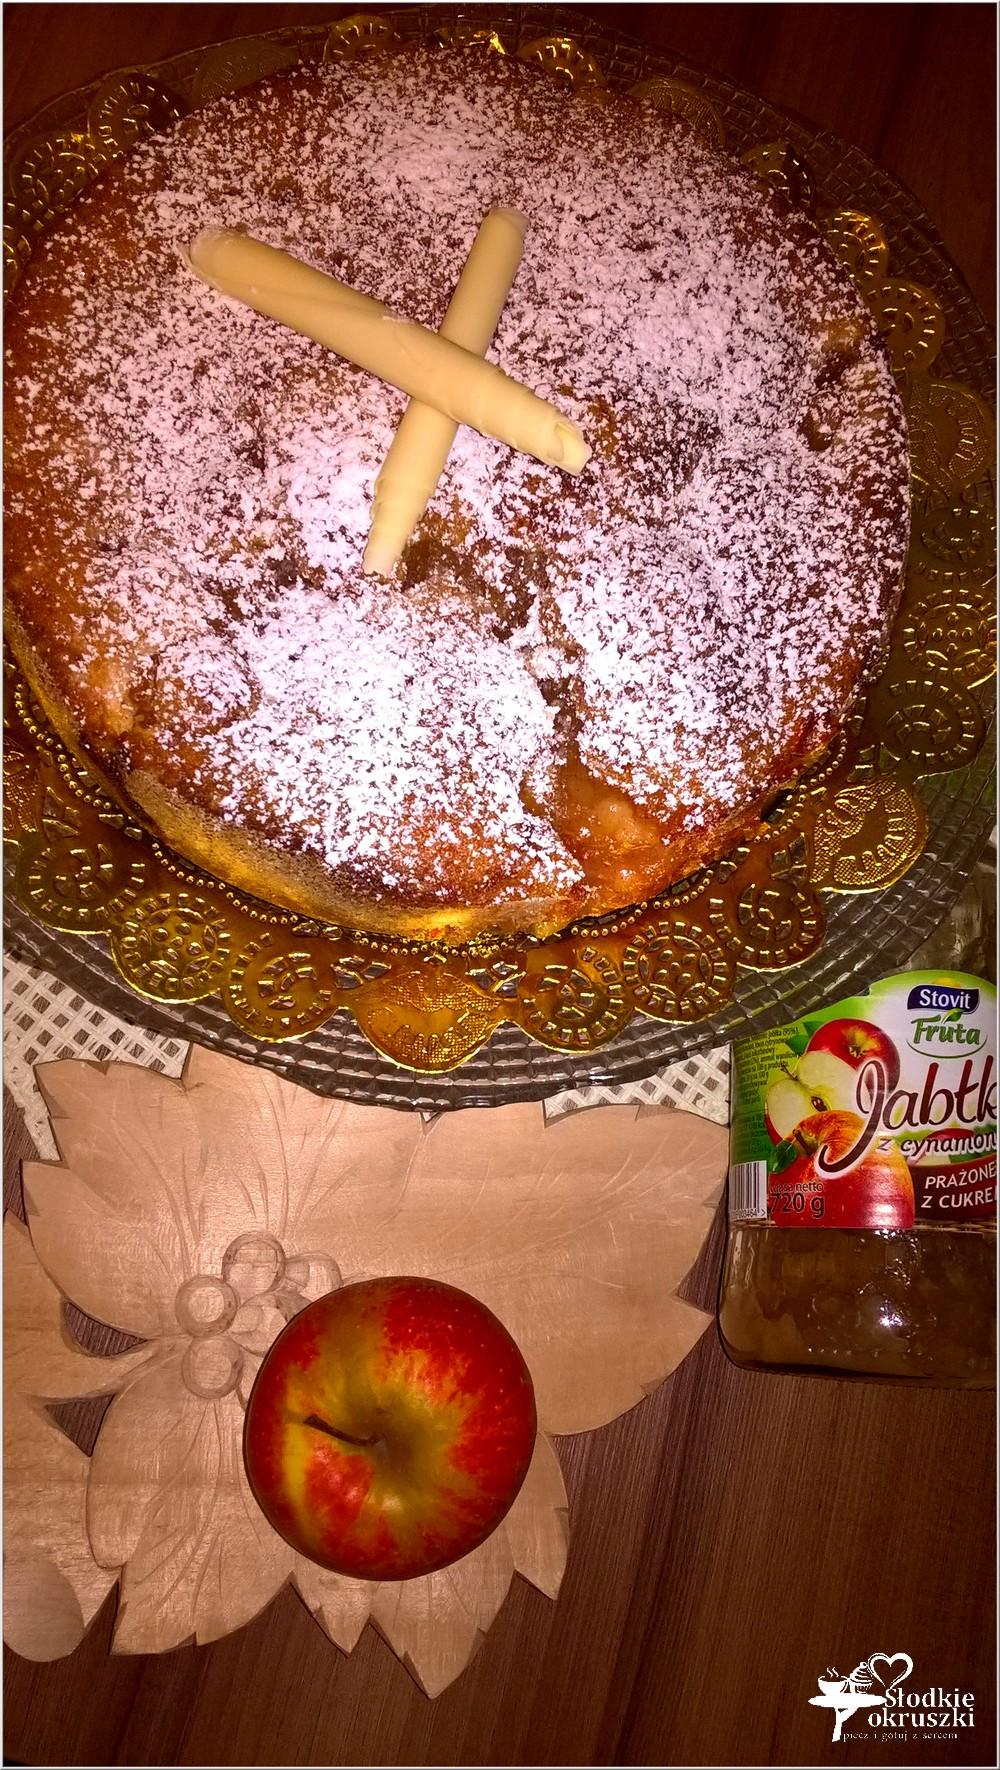 ciasto-z-prazonymi-jablkami-jablecznik-5